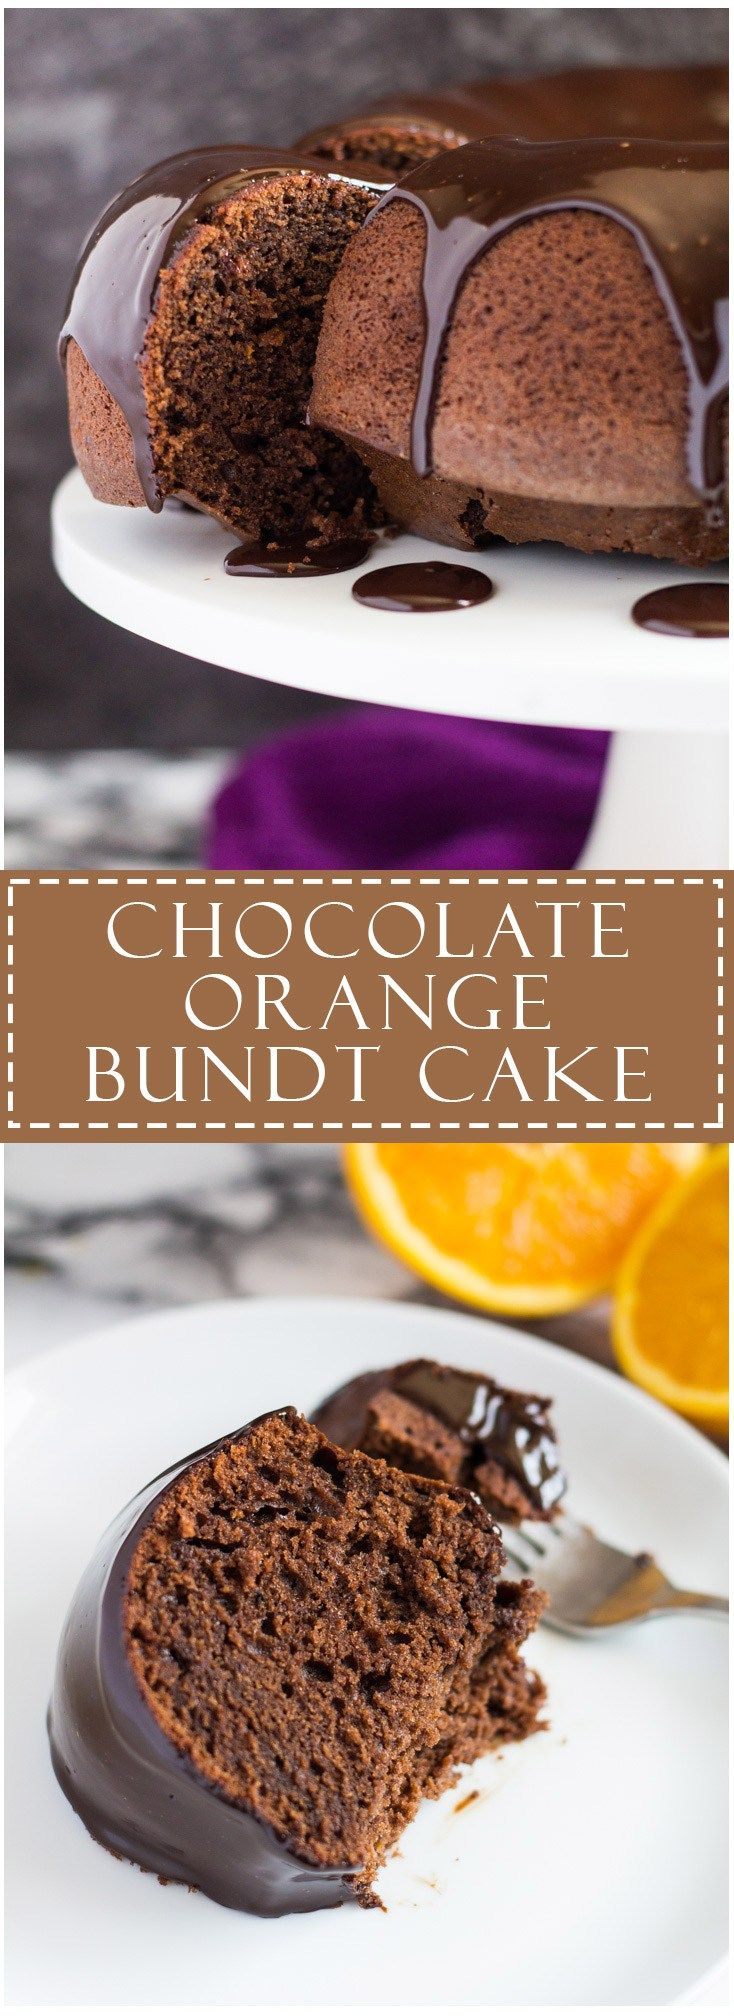 Chocolate Orange Bundt Cake | Marsha's Baking Addiction